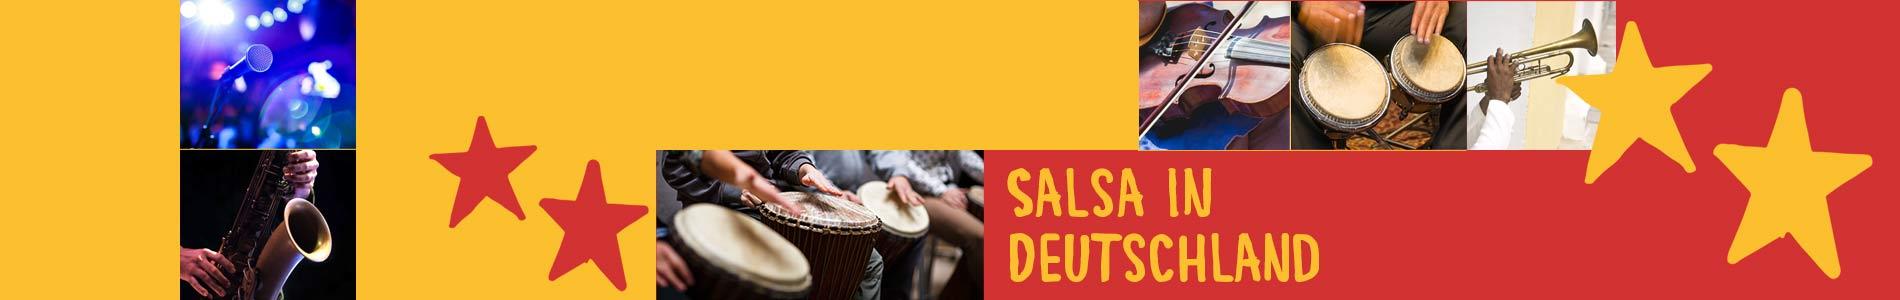 Salsa in Büttstedt – Salsa lernen und tanzen, Tanzkurse, Partys, Veranstaltungen